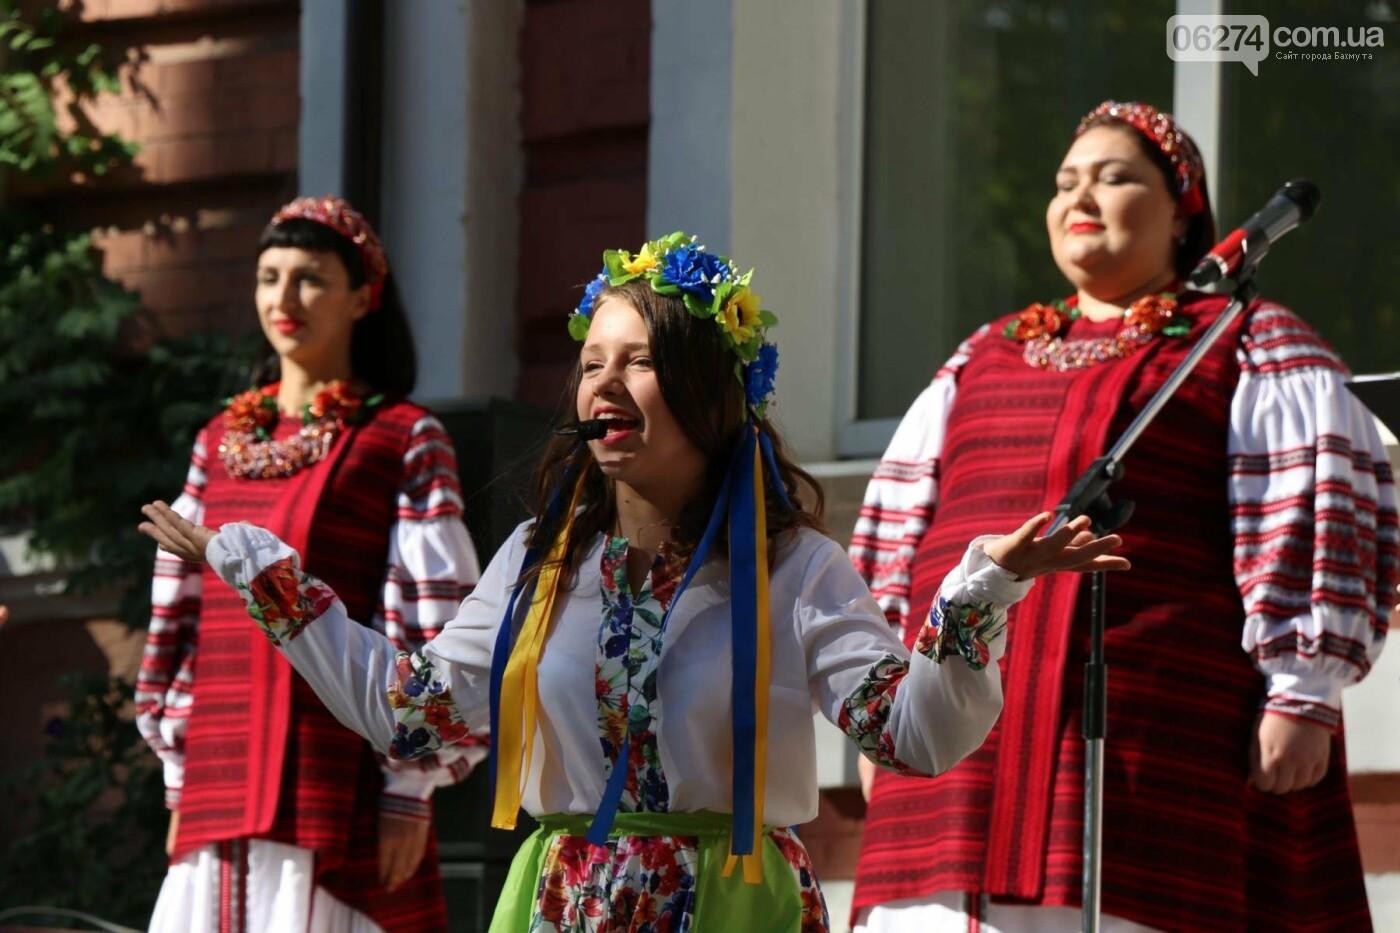 В Бахмуте отметили День государственного флага Украины, фото-18